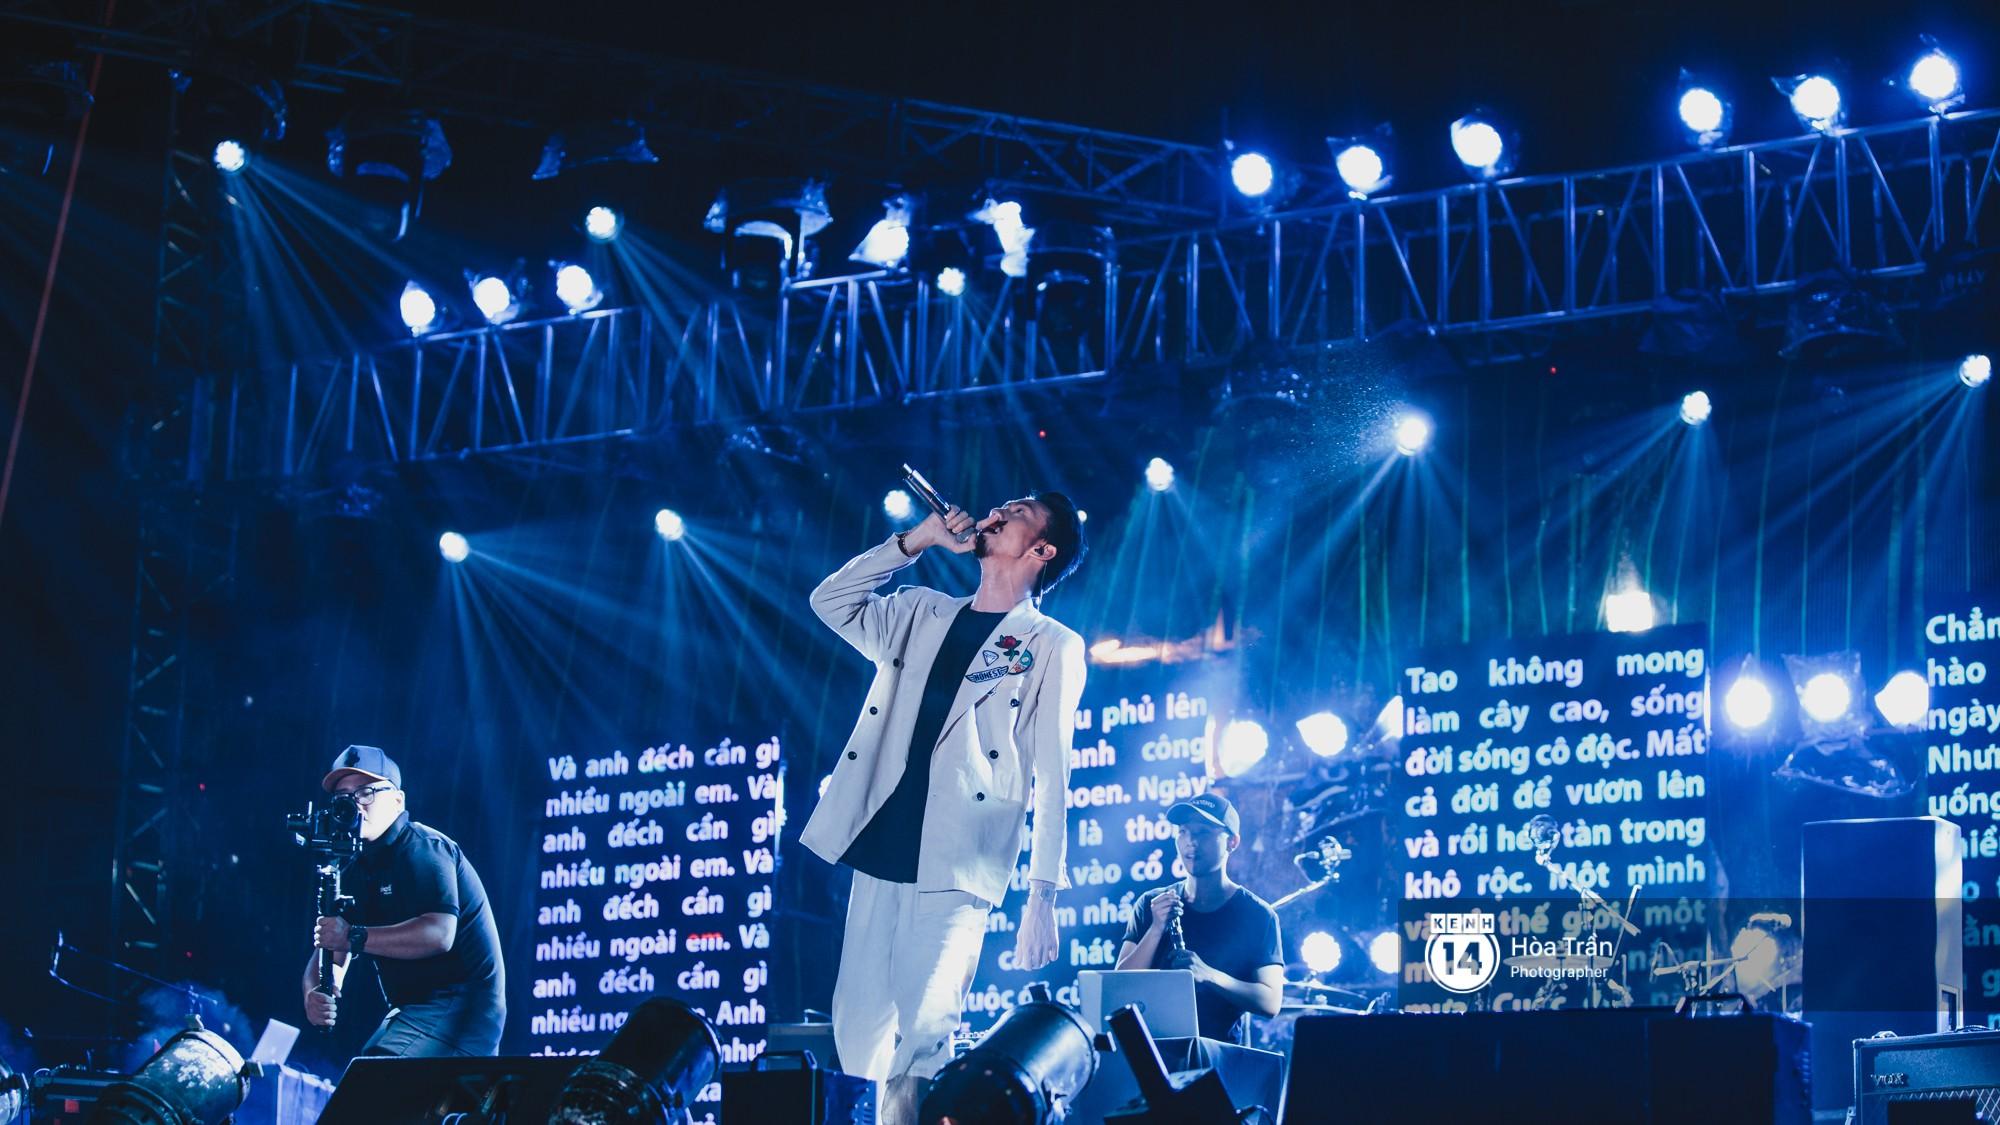 Đen Vâu, Vũ, Ngọt Band cũng loạt nghệ sỹ Indie đình đám khiến Sài Gòn tăng nhiệt tại Thơm Music Festival - Ảnh 7.